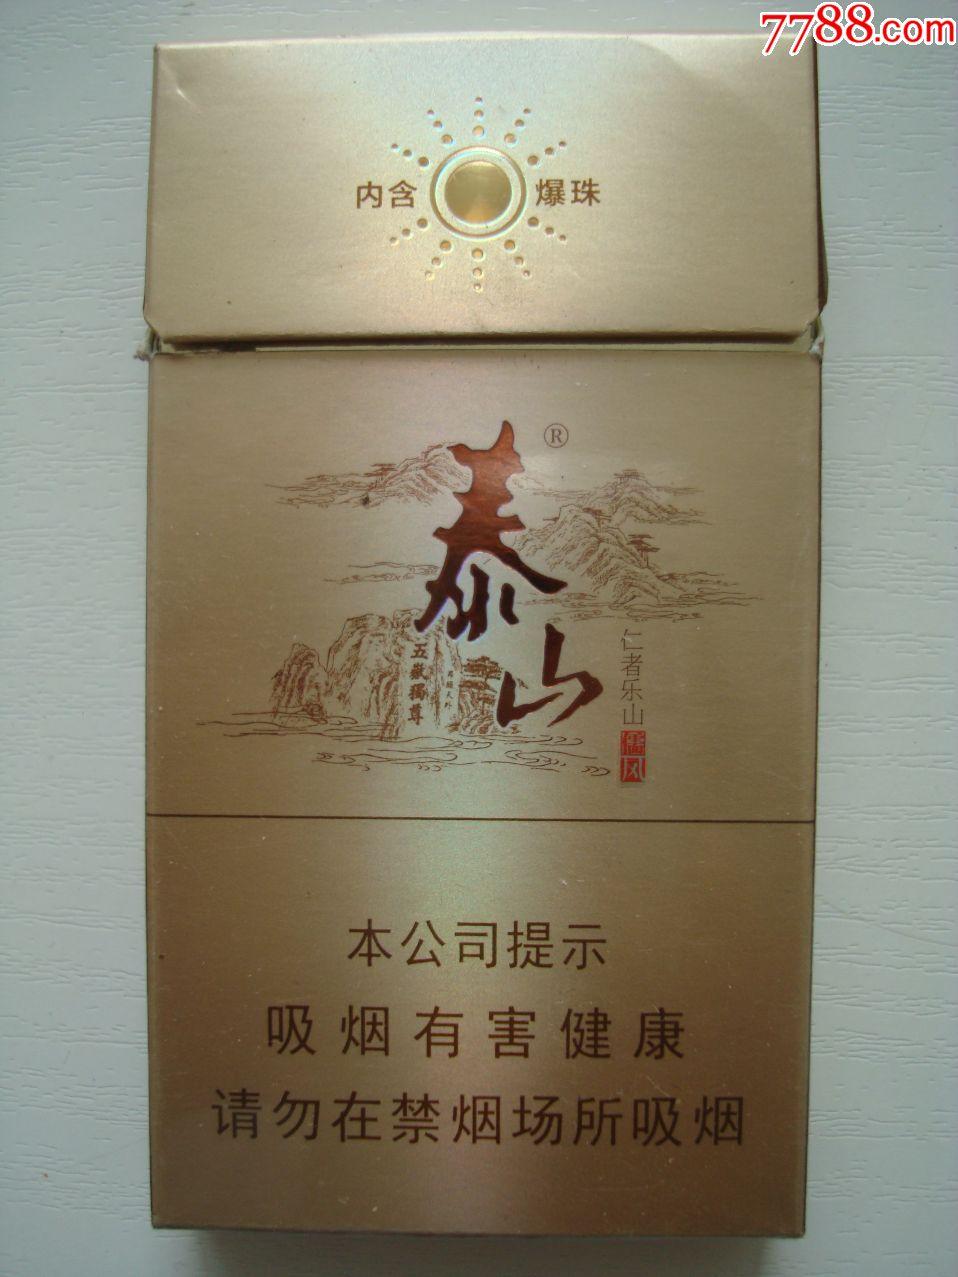 泰山――儒风――细支本公司提示_价格2.